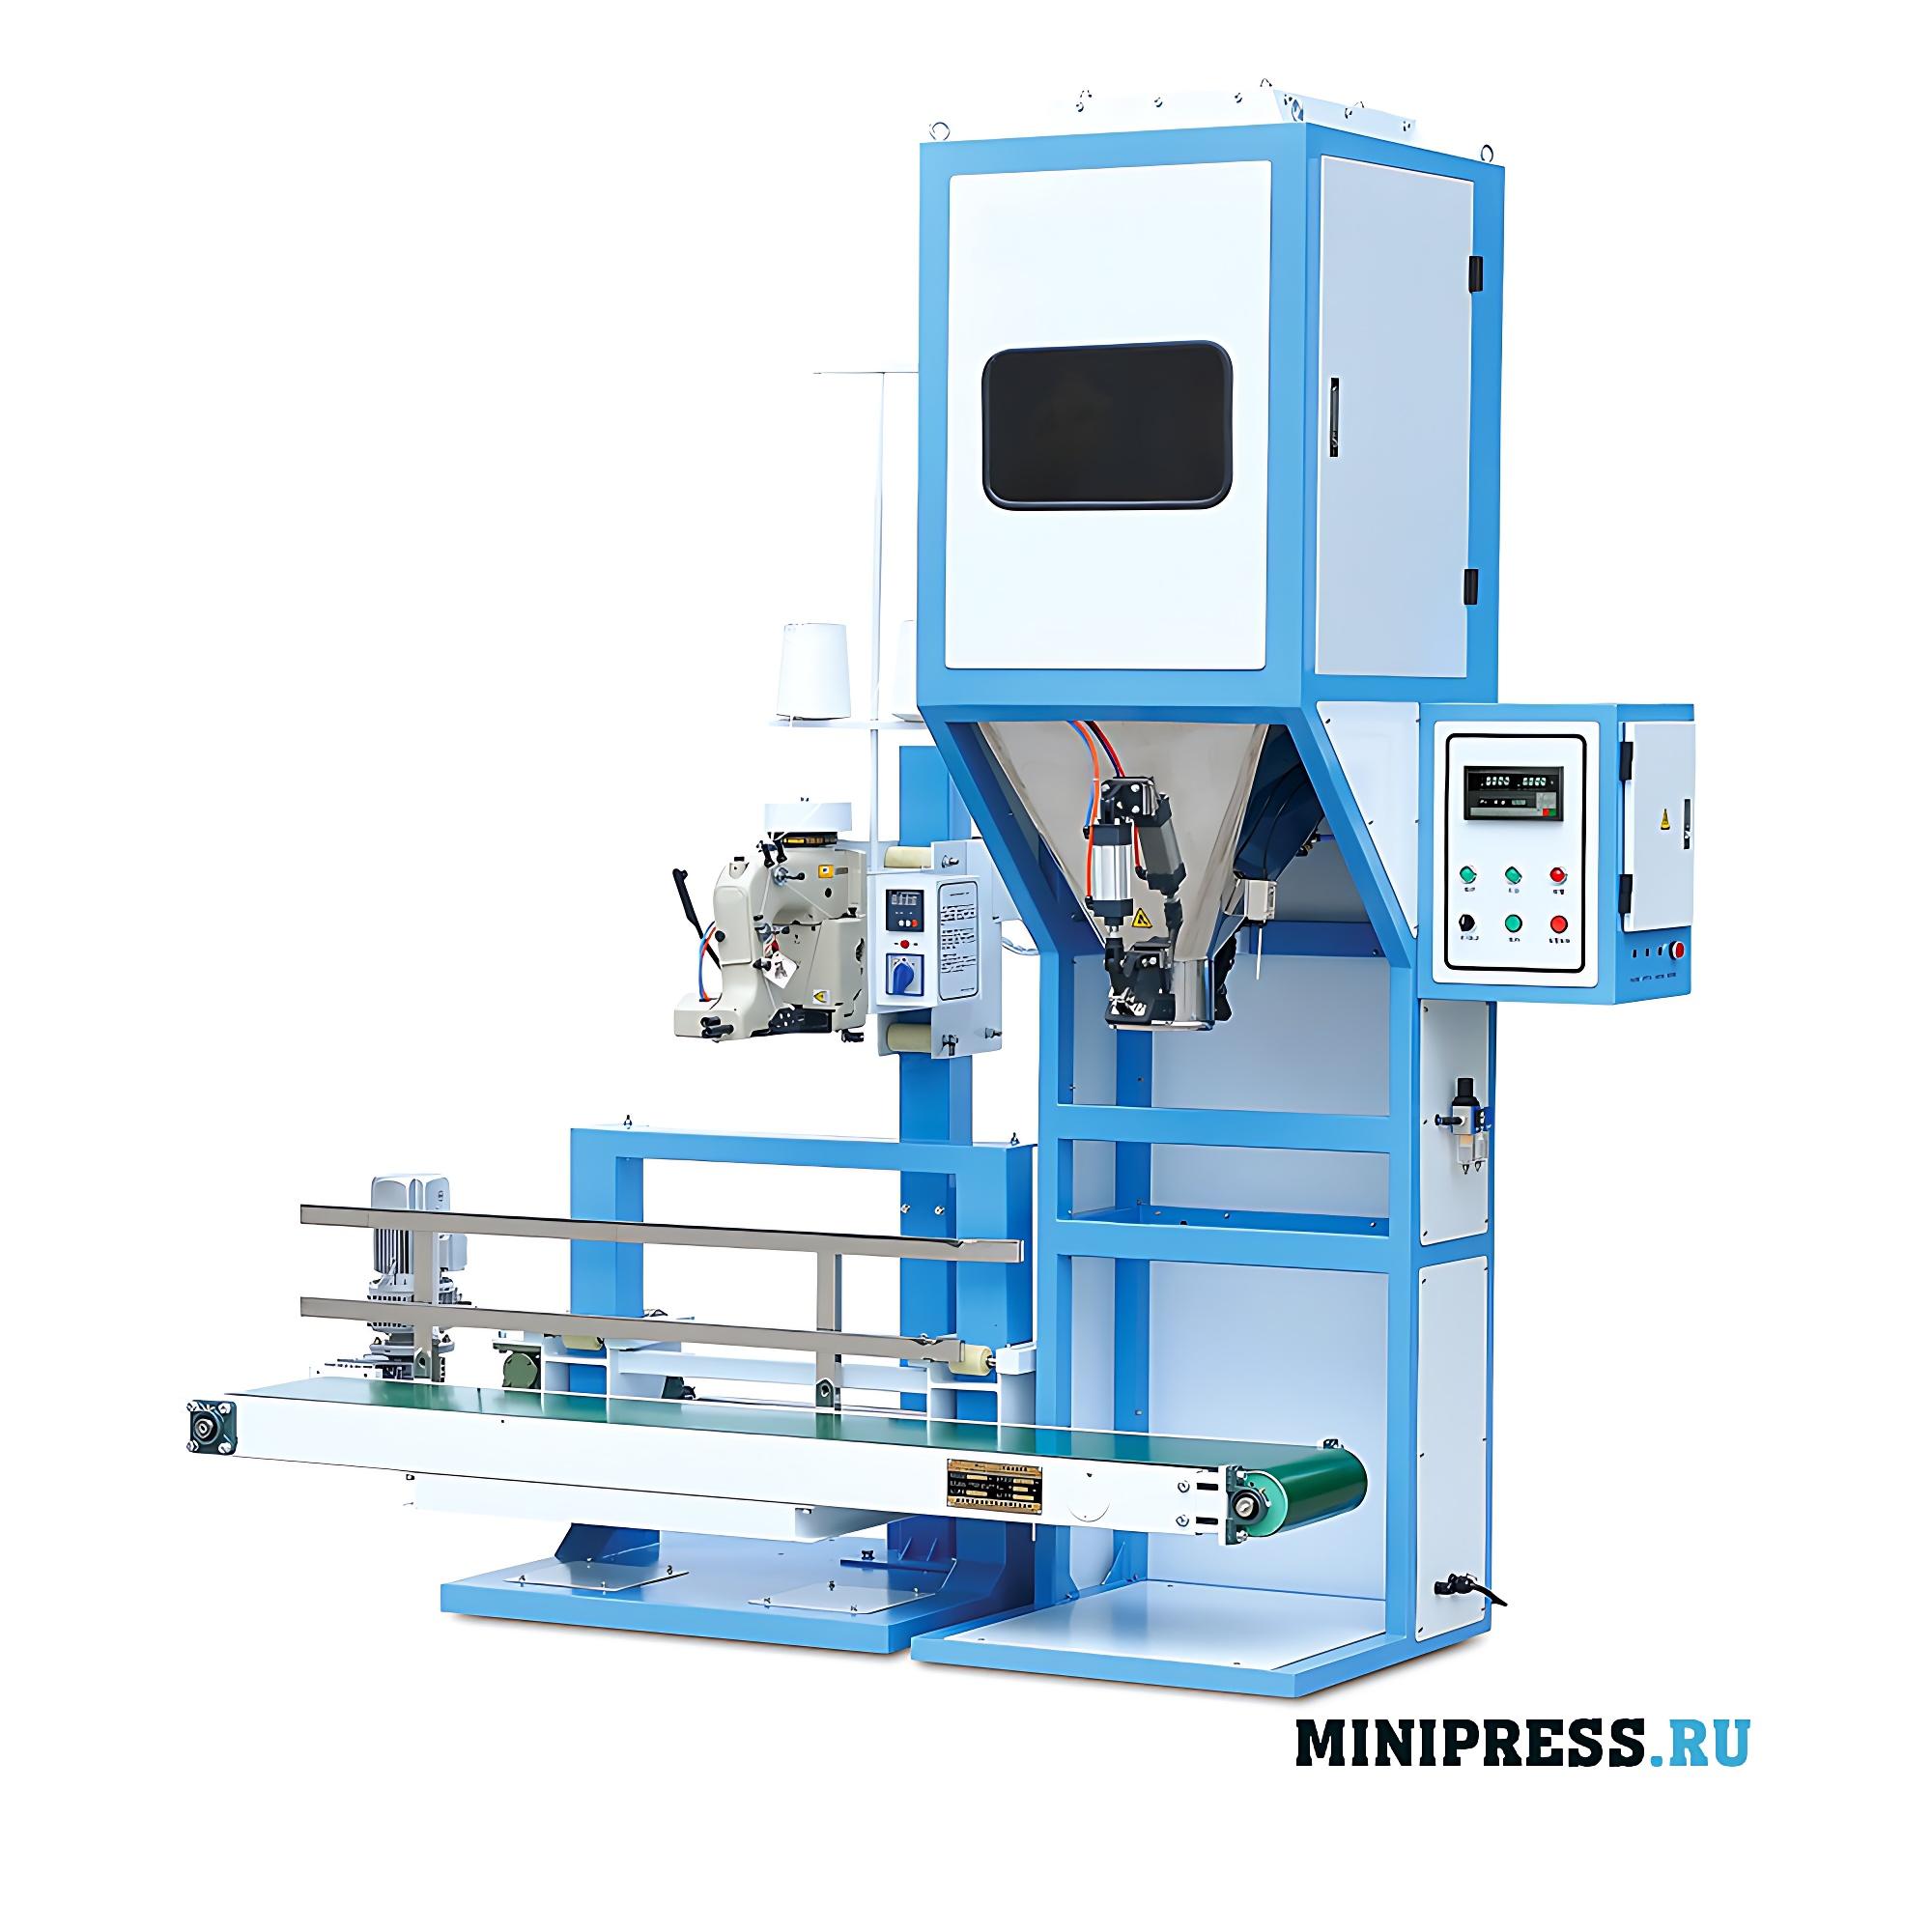 Оборудование для фасовки и упаковки в бумажные мешки любых продуктов